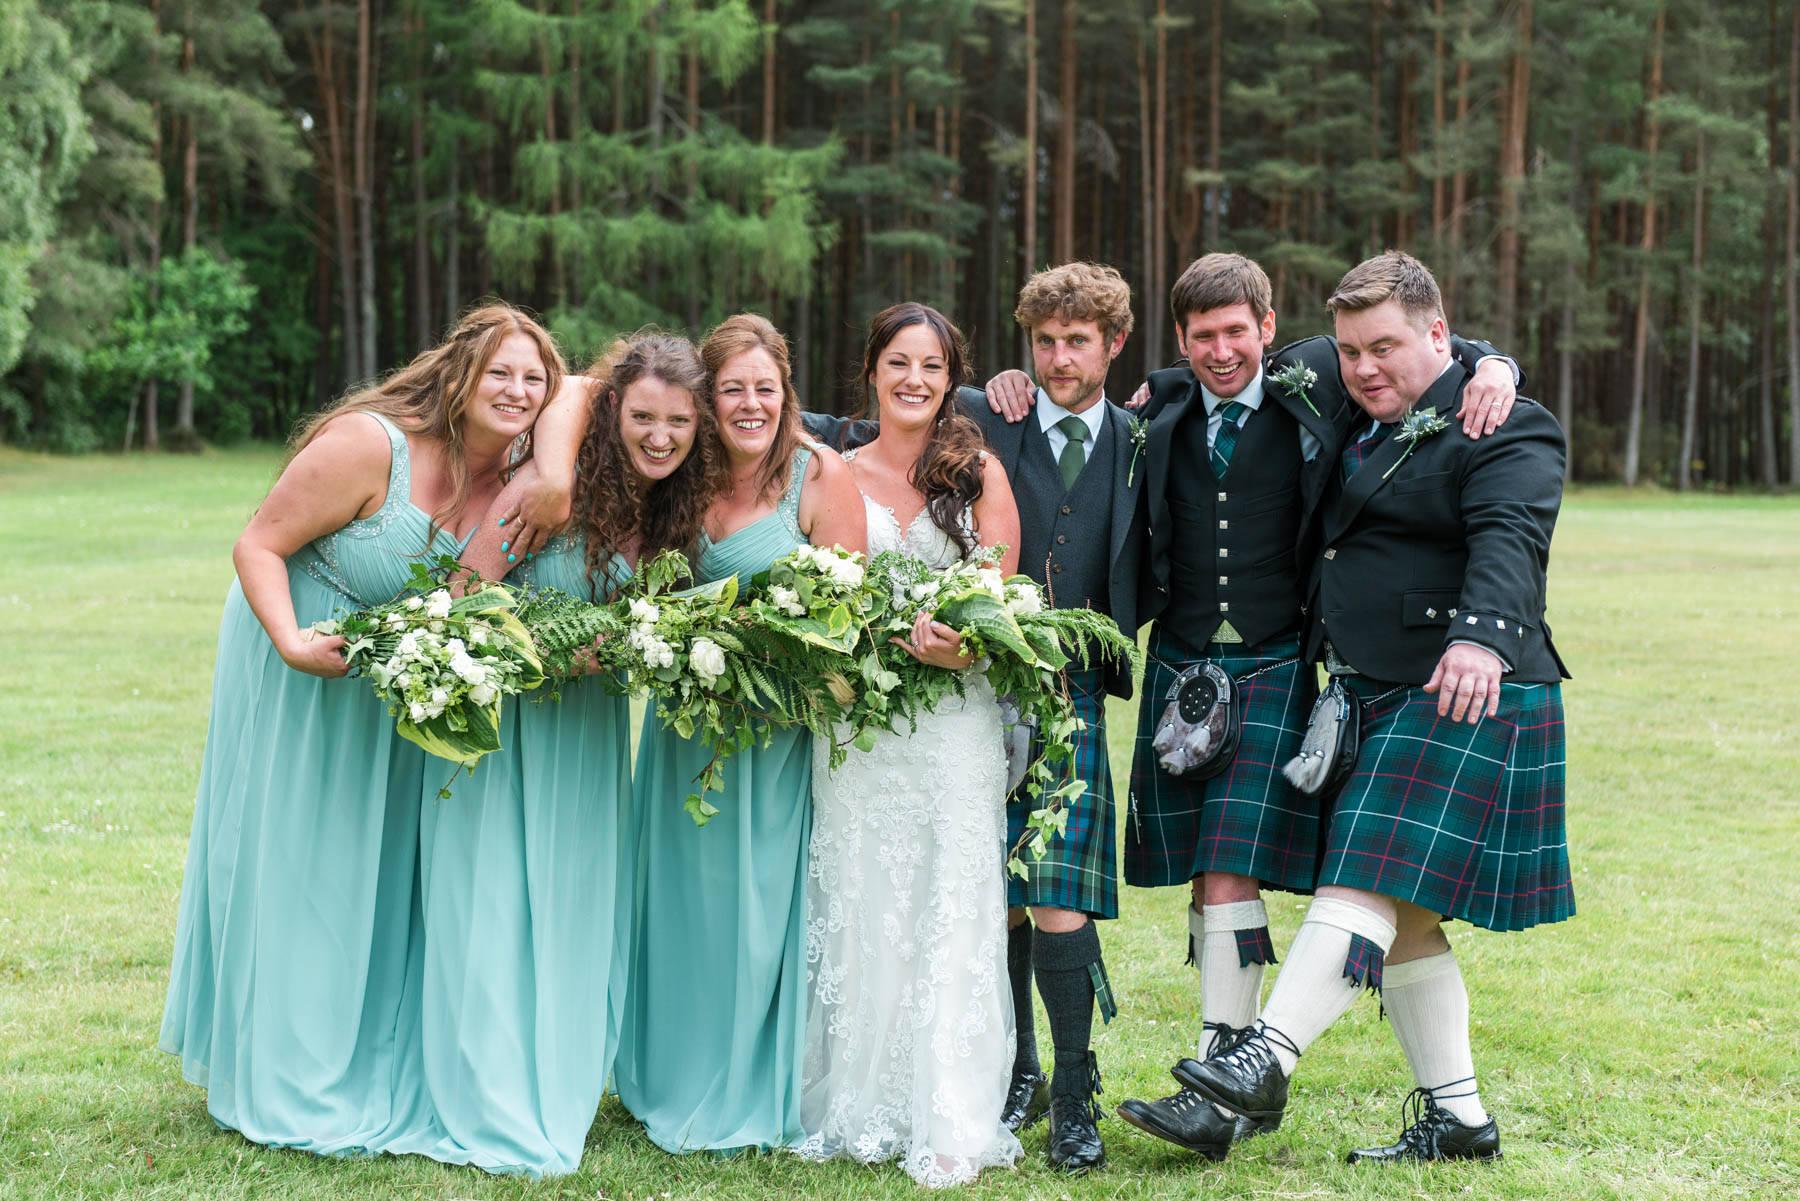 TFArden_wedding_068.jpg